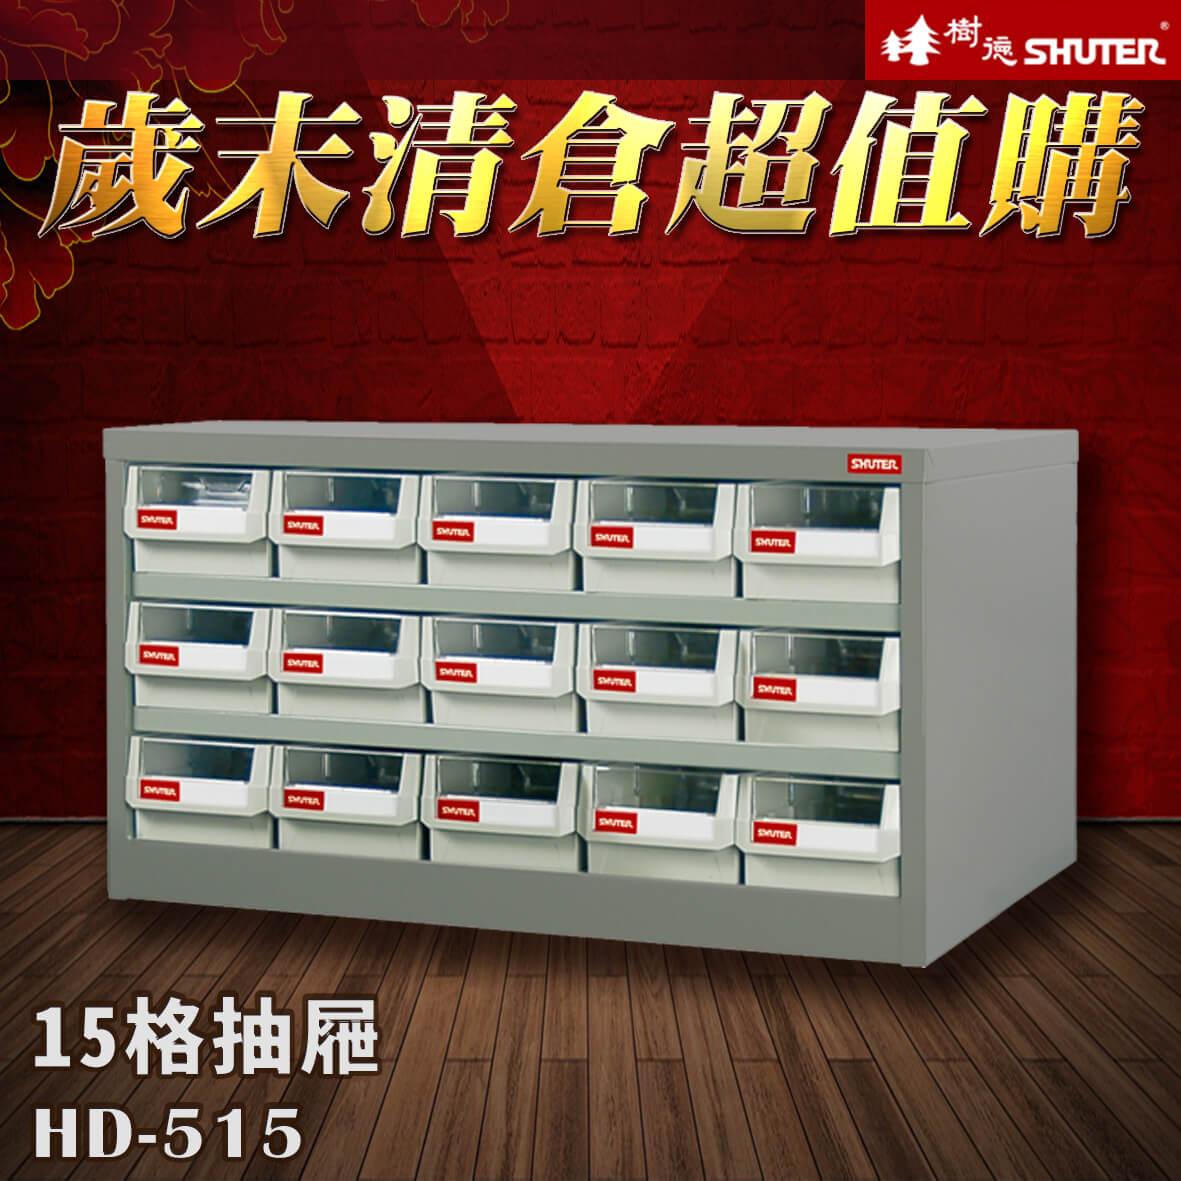 台灣品牌【樹德】 HD-515 15格抽屜 裝潢 水電 維修 汽車 耗材 電子 3C 包膜 精密 車床 電器